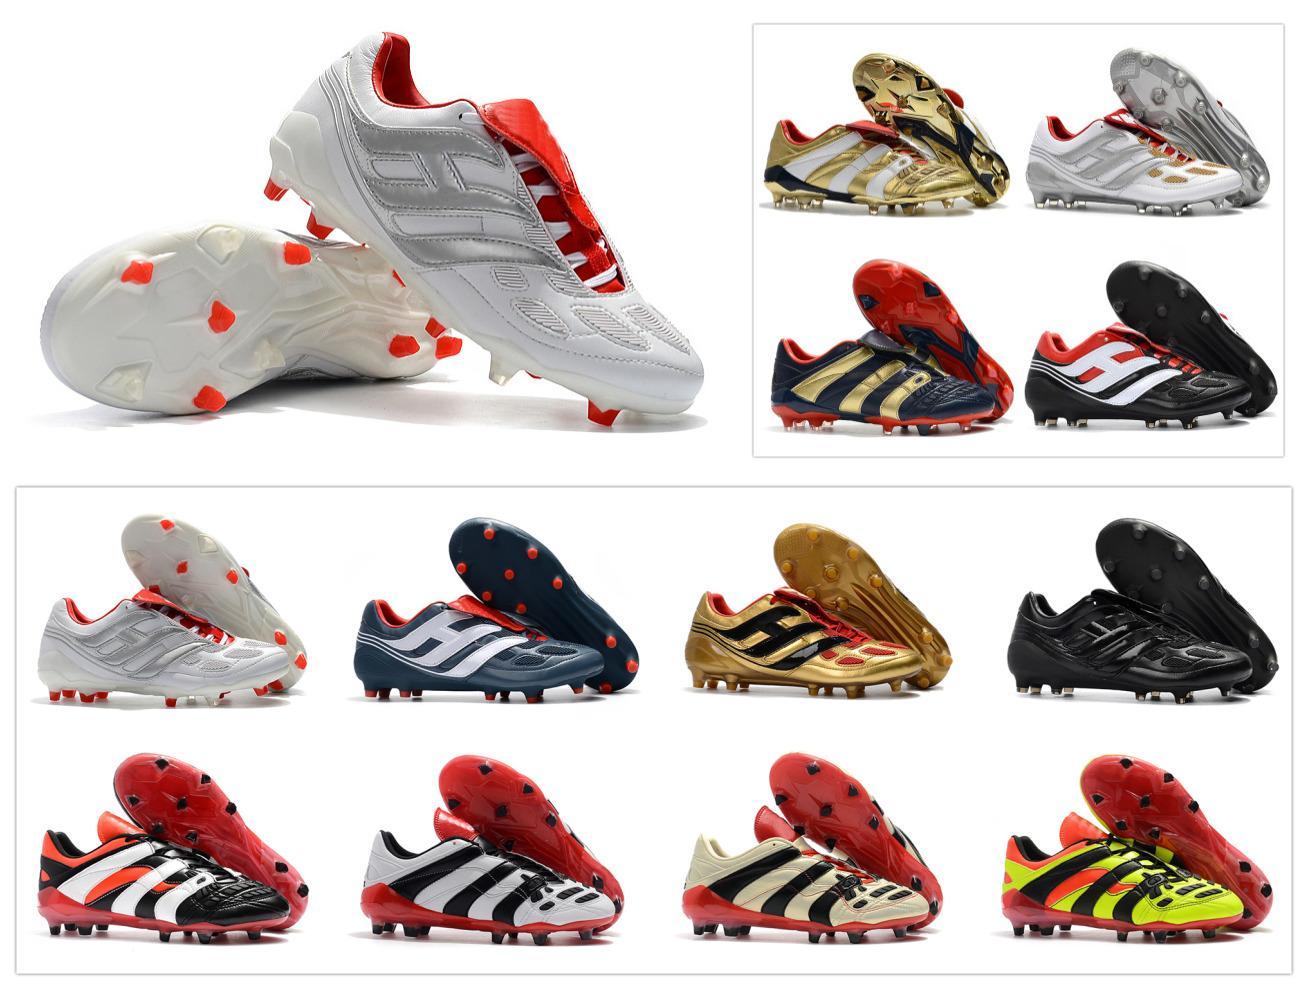 Klasikleri Predator Hassas Hızlandırıcı Elektrik FG DB AG V 5 Beckham 1998 98 Olur Erkekler Futbol Ayakkabıları Cleats Futbol Çizmeler Boyutu 39-45